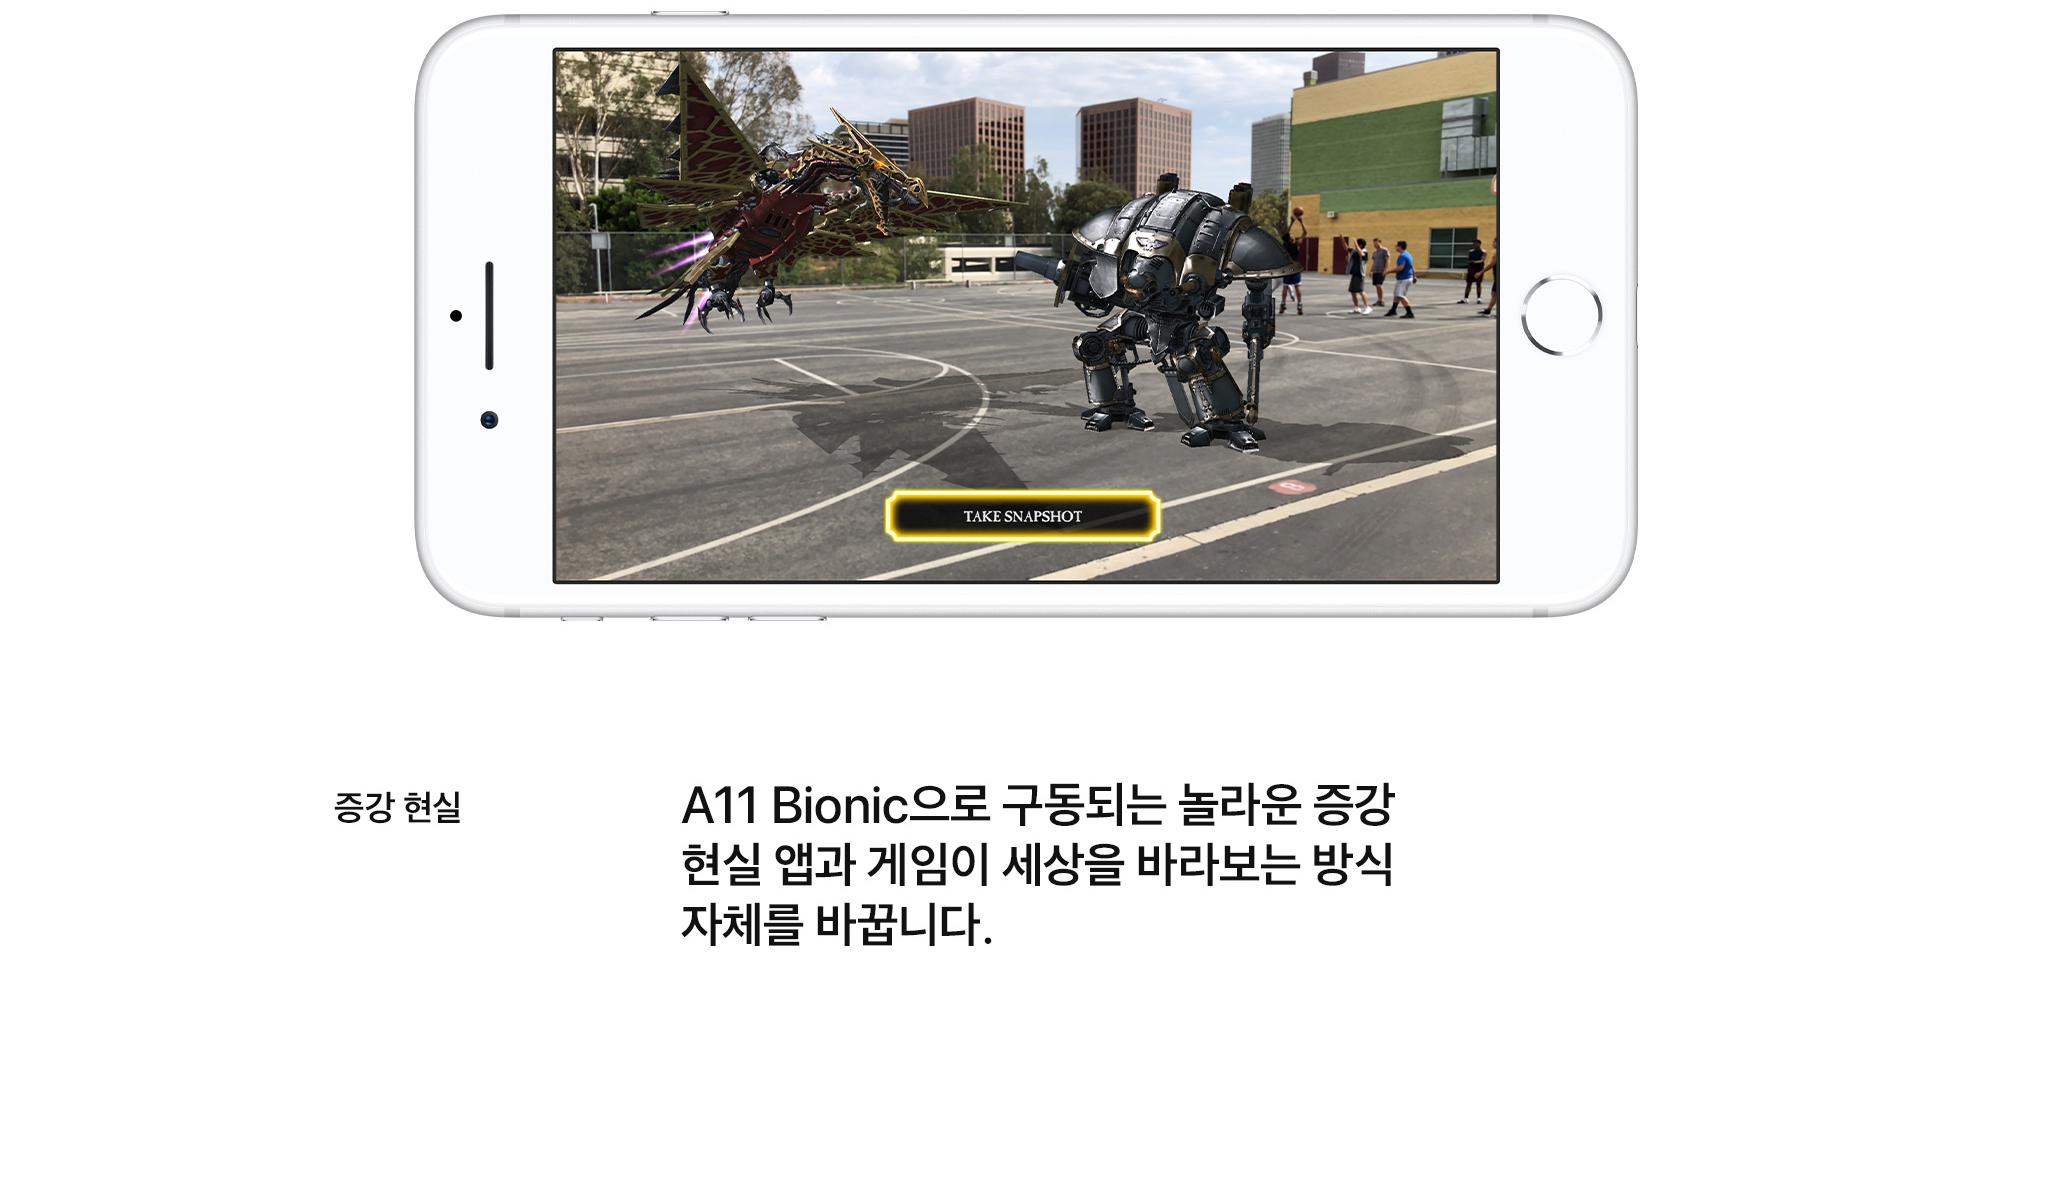 증강 현실 A11 Bionic으로 구동되는 놀라운 증강 현실 앱과 게임이 세상을 바라보는 방식 자체를 바꿉니다.